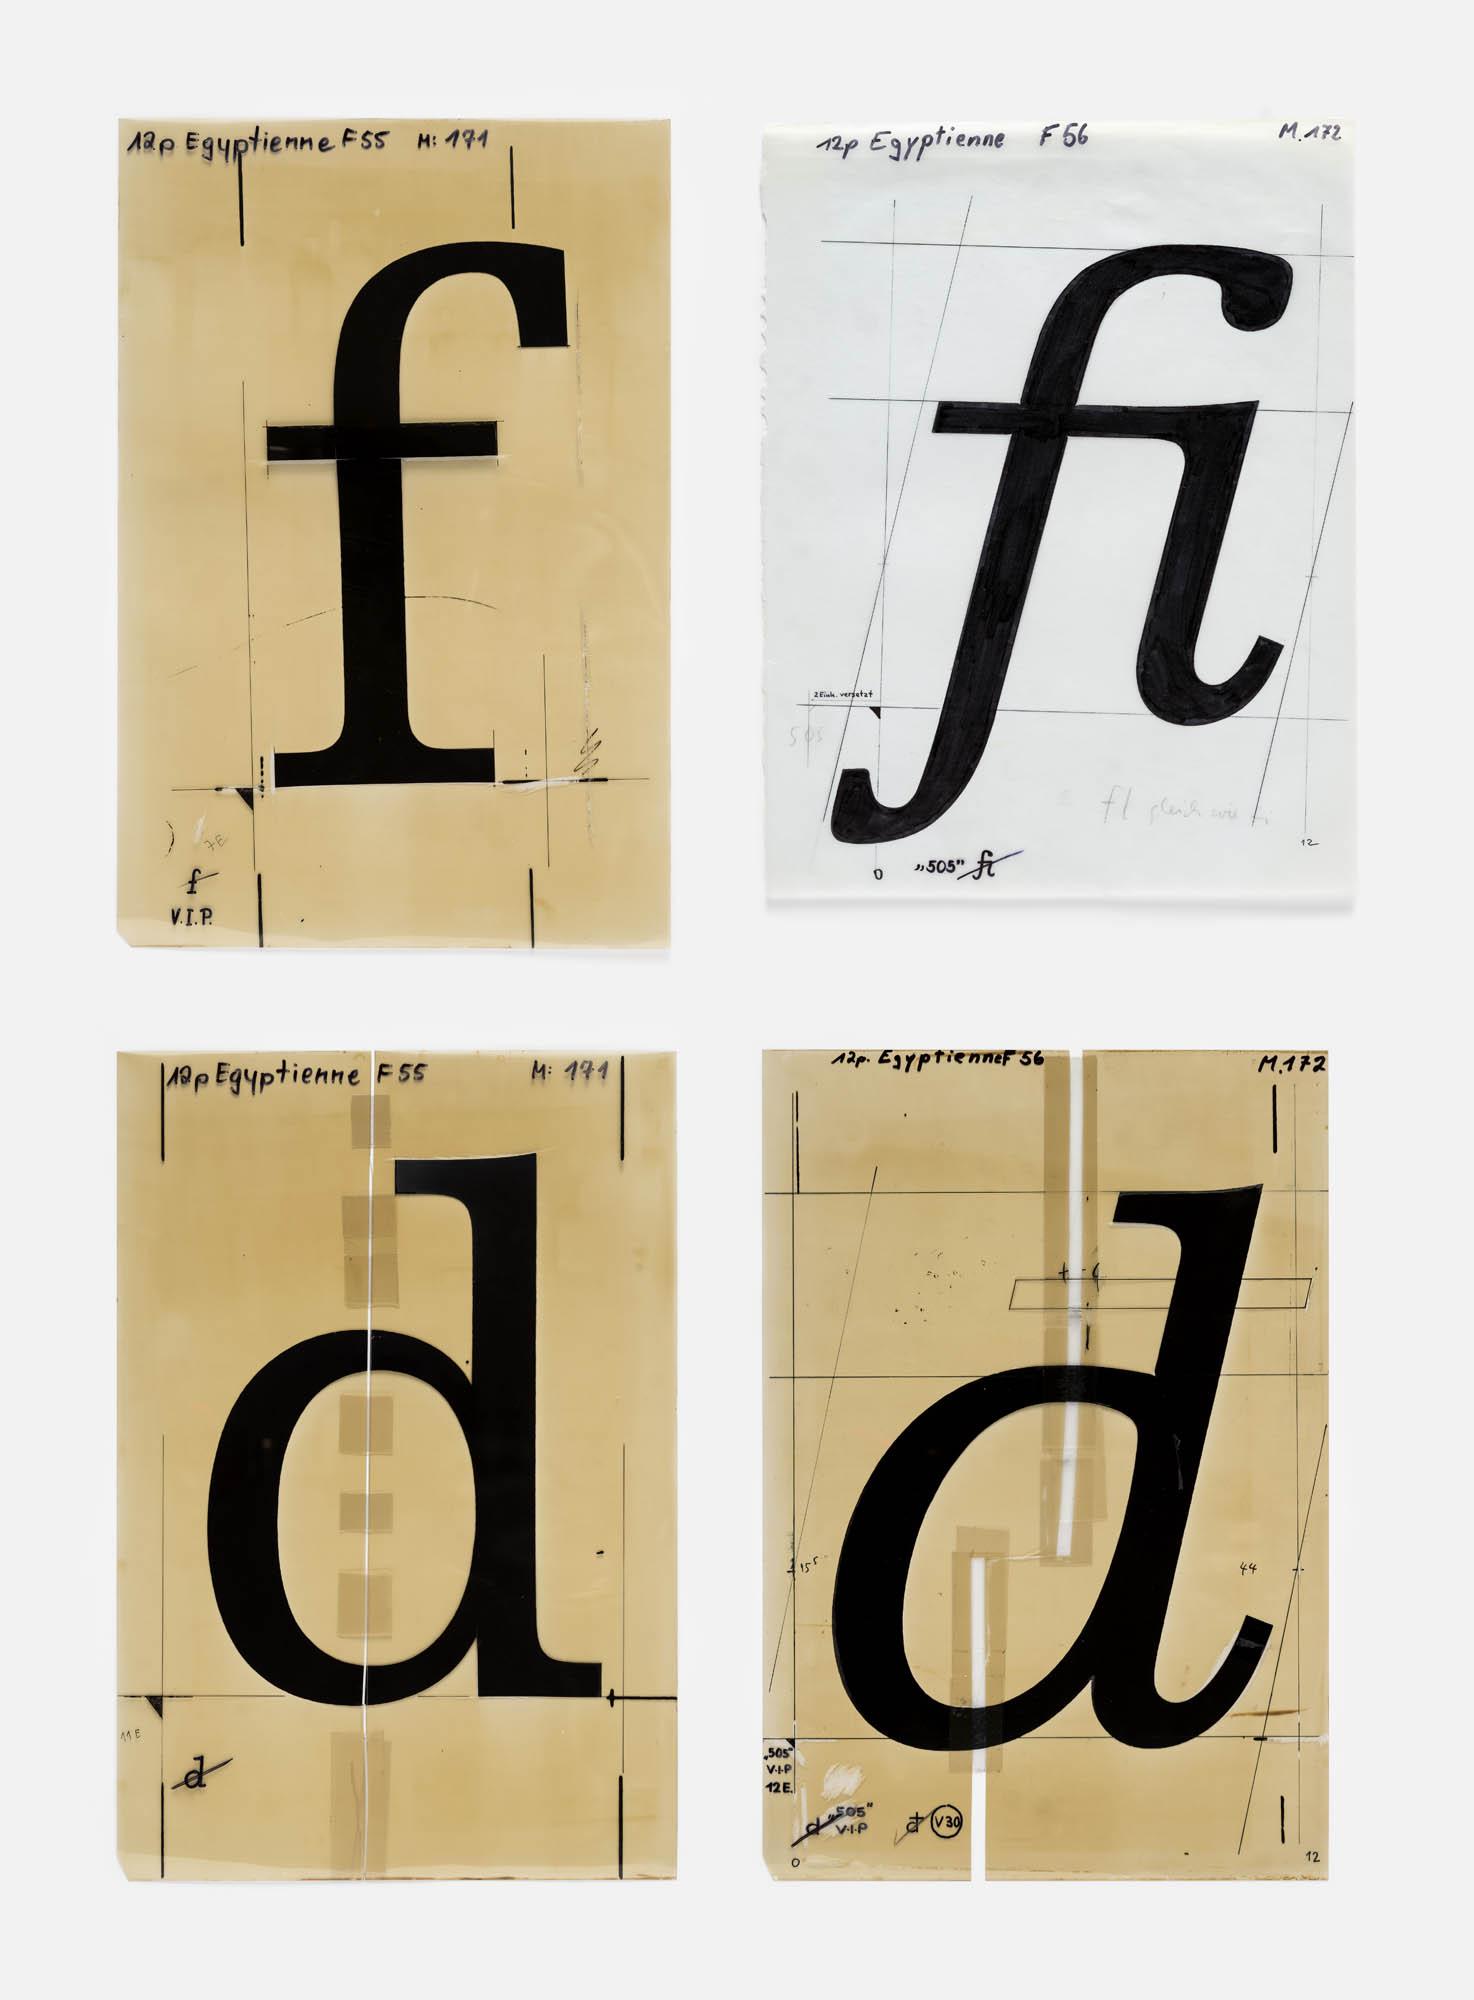 (Vorstudie zur Egyptienne F), ABC ... Adrian Frutiger Typeface design